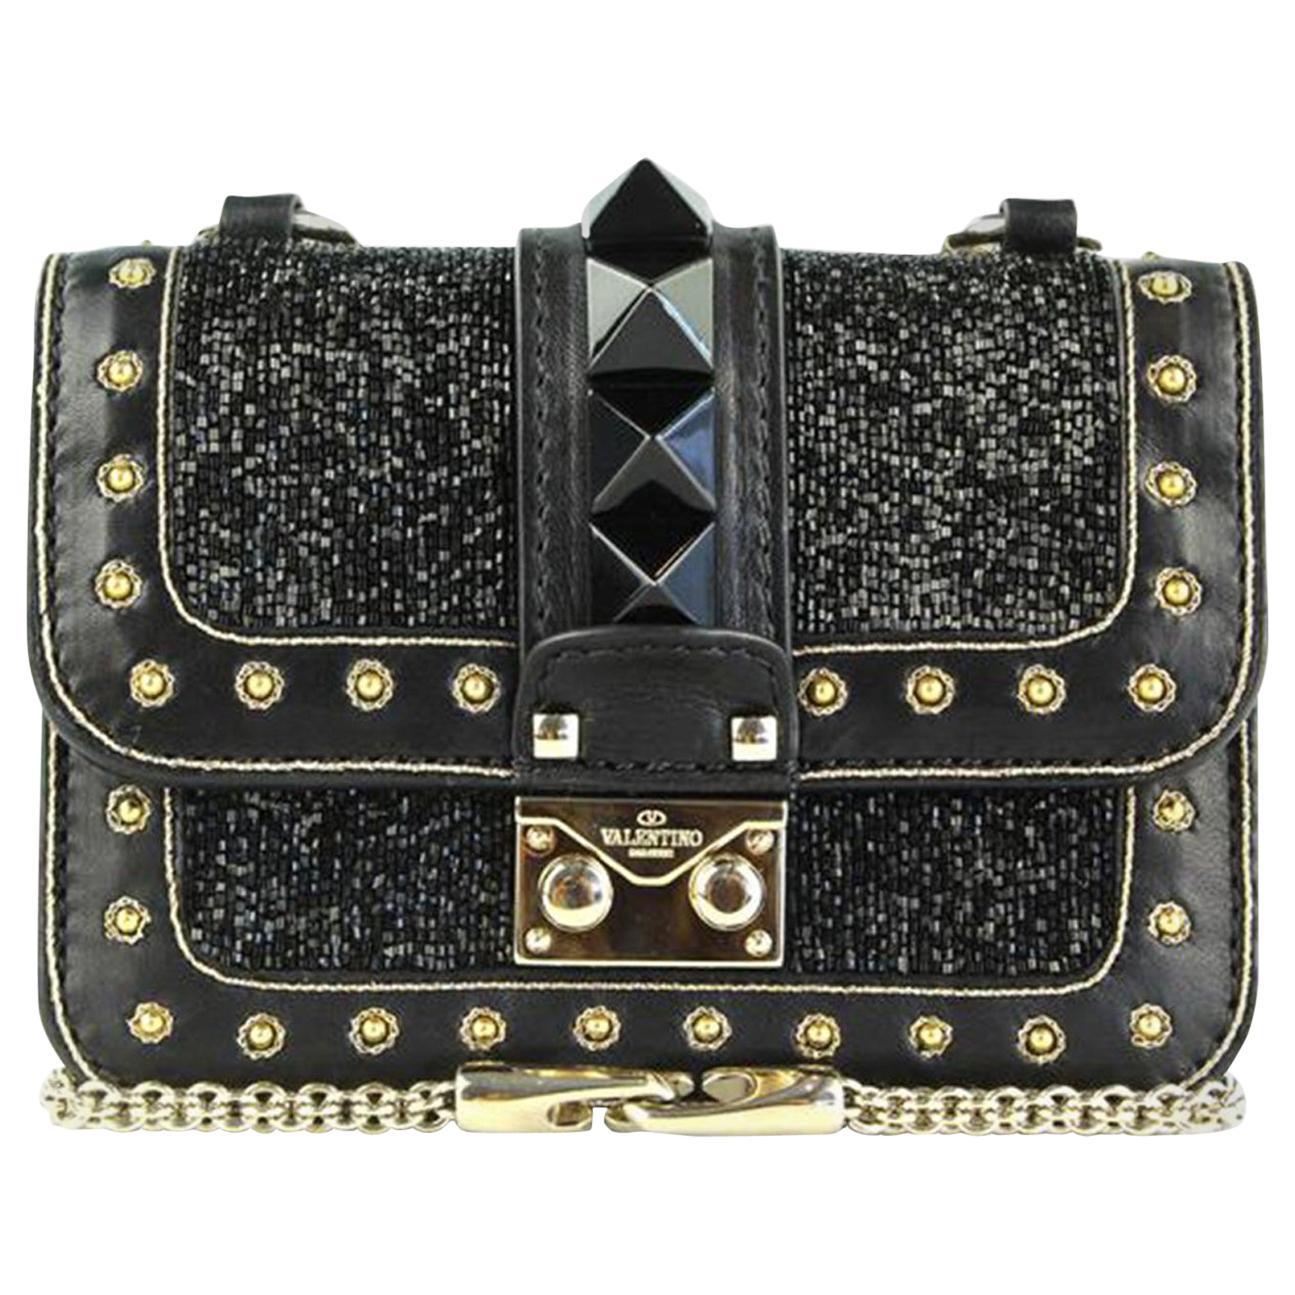 Valentino Rockstud Lock Mini Bead Embellished Leather Shoulder Bag